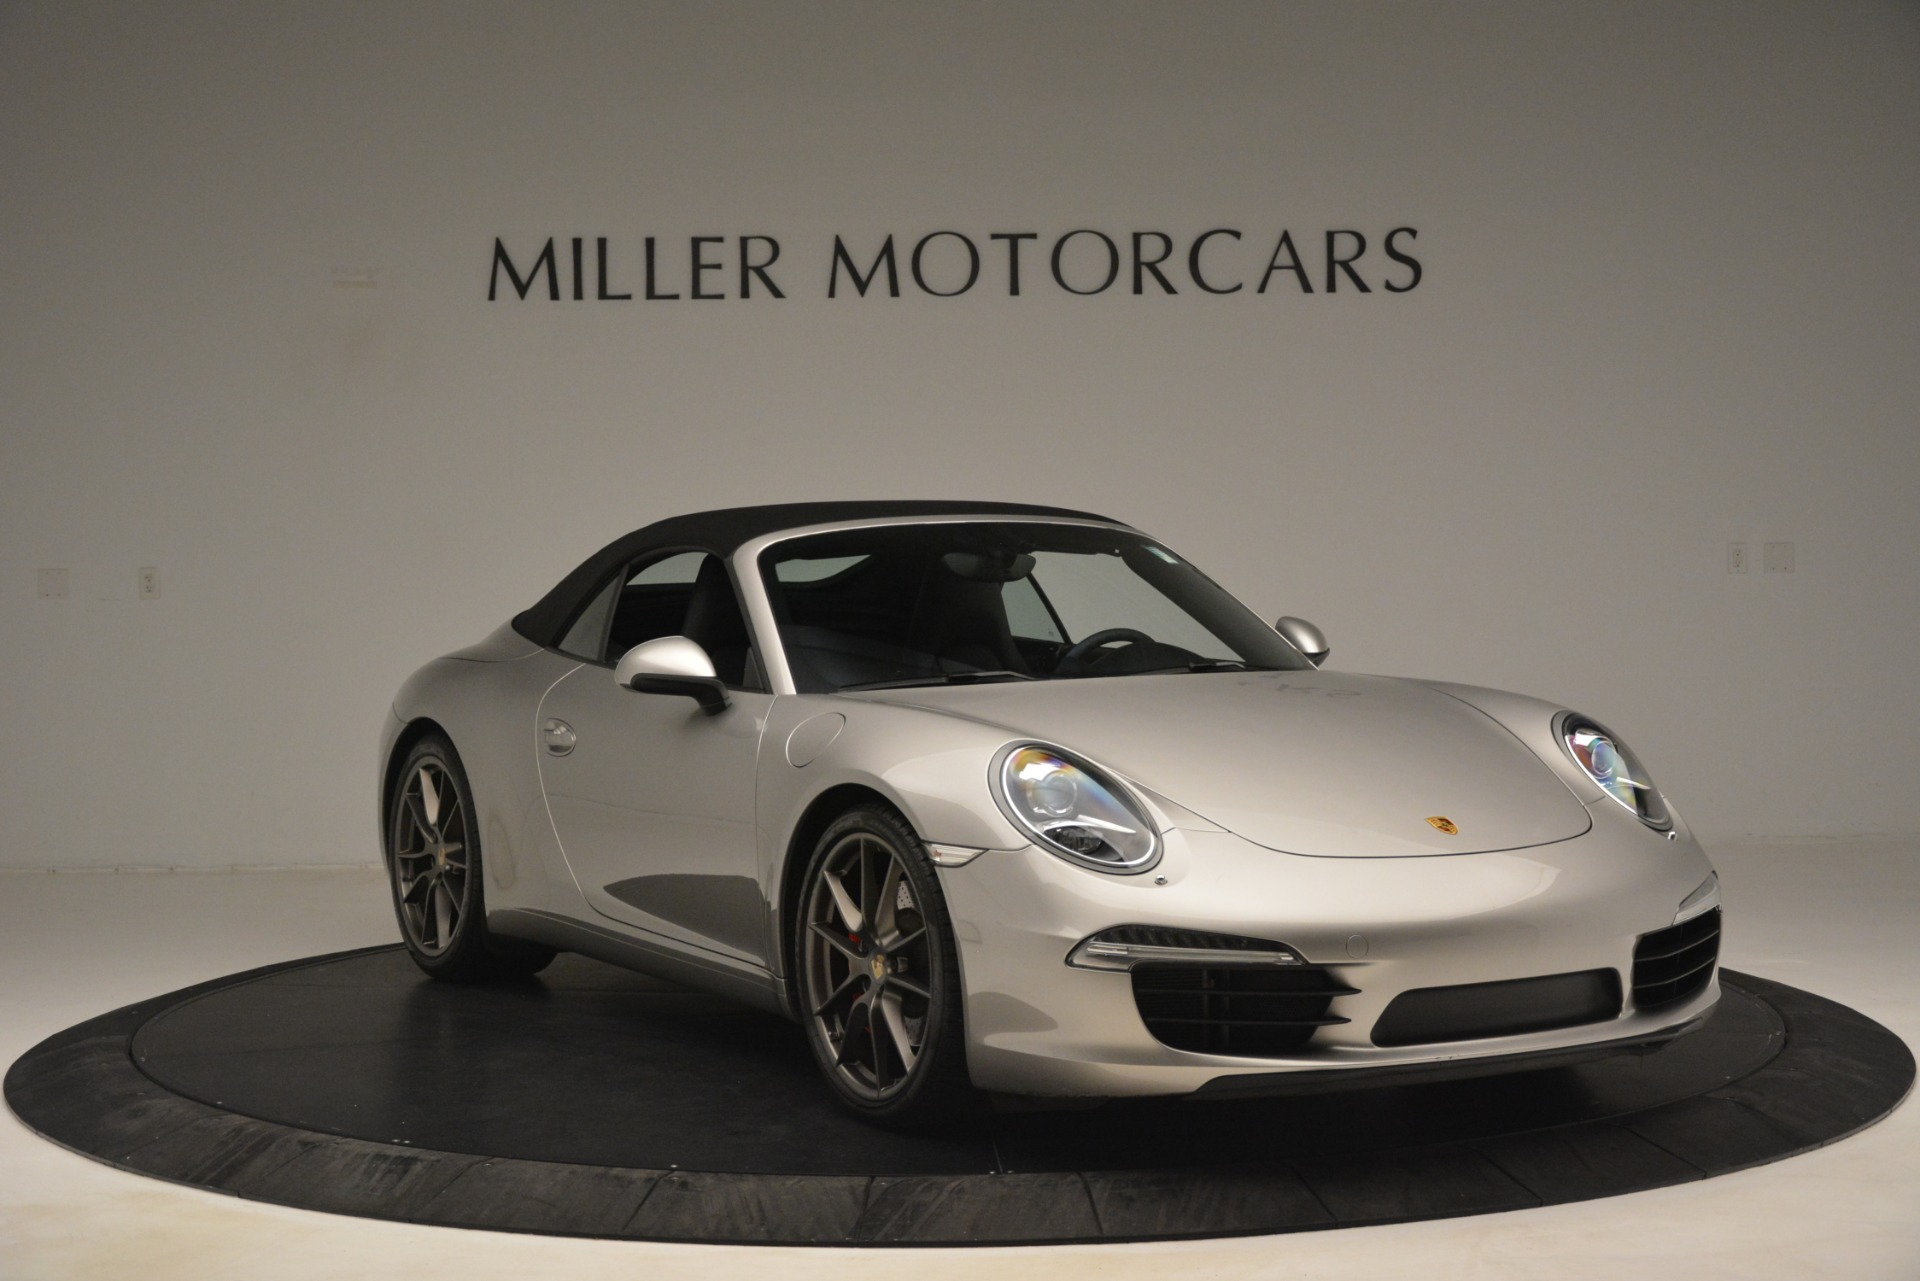 Used 2013 Porsche 911 Carrera S For Sale In Greenwich, CT 3107_p13